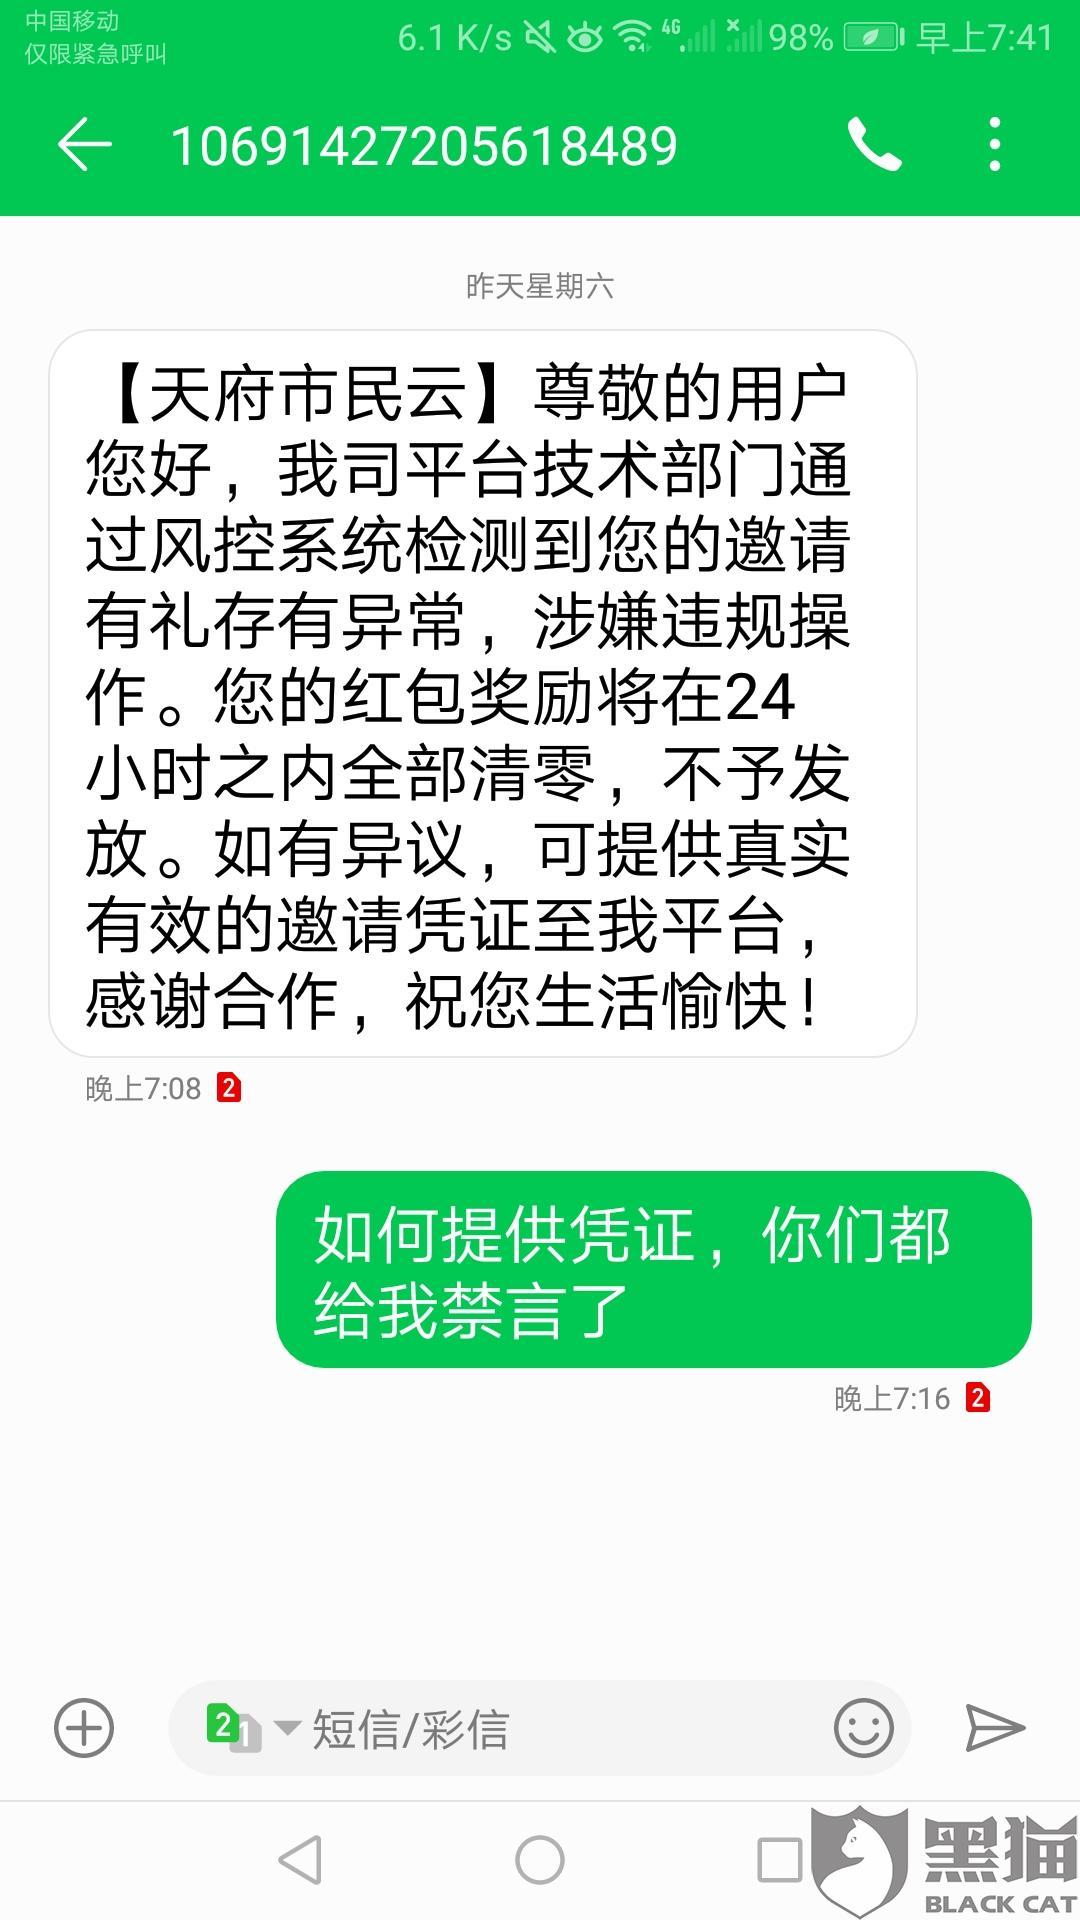 黑猫投诉:天府市民云不兑现邀请活动奖励